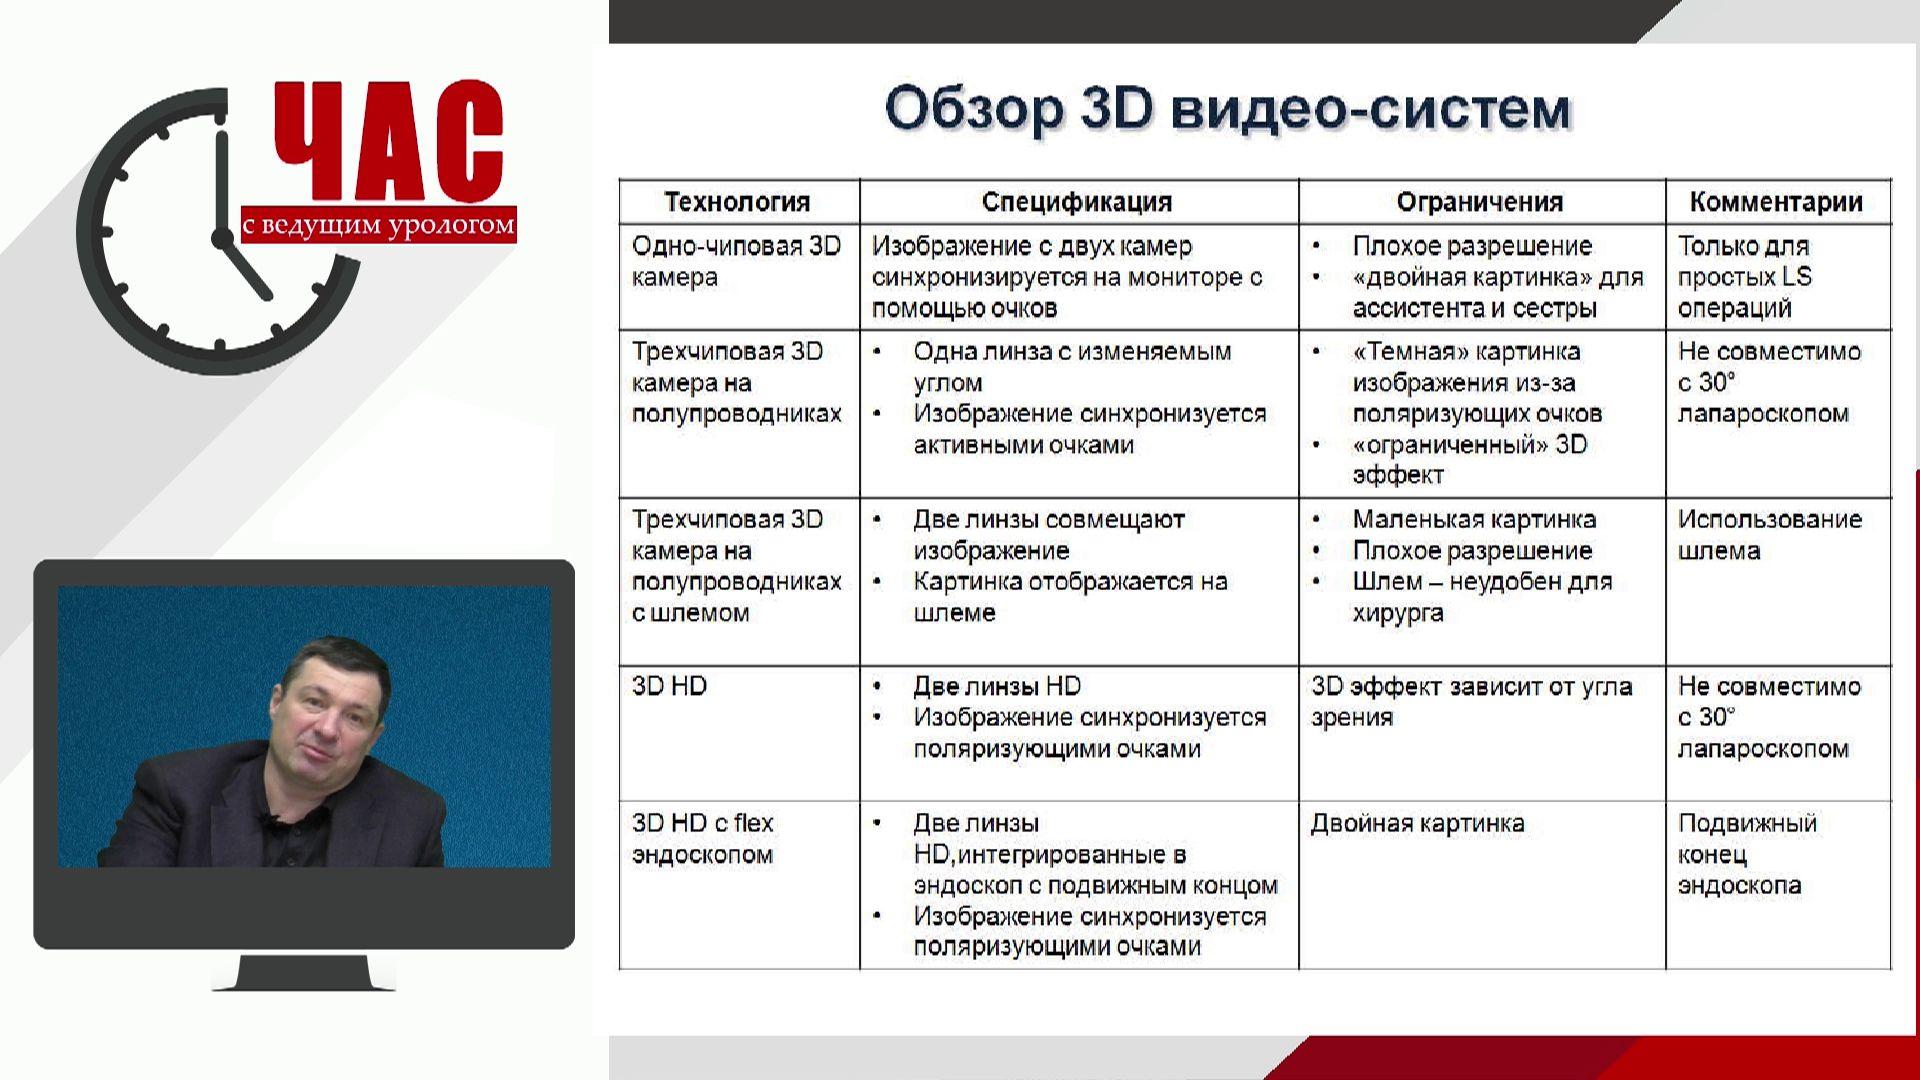 Конференция сексопатологов андрологов г харьков 24 ноября 2011 г